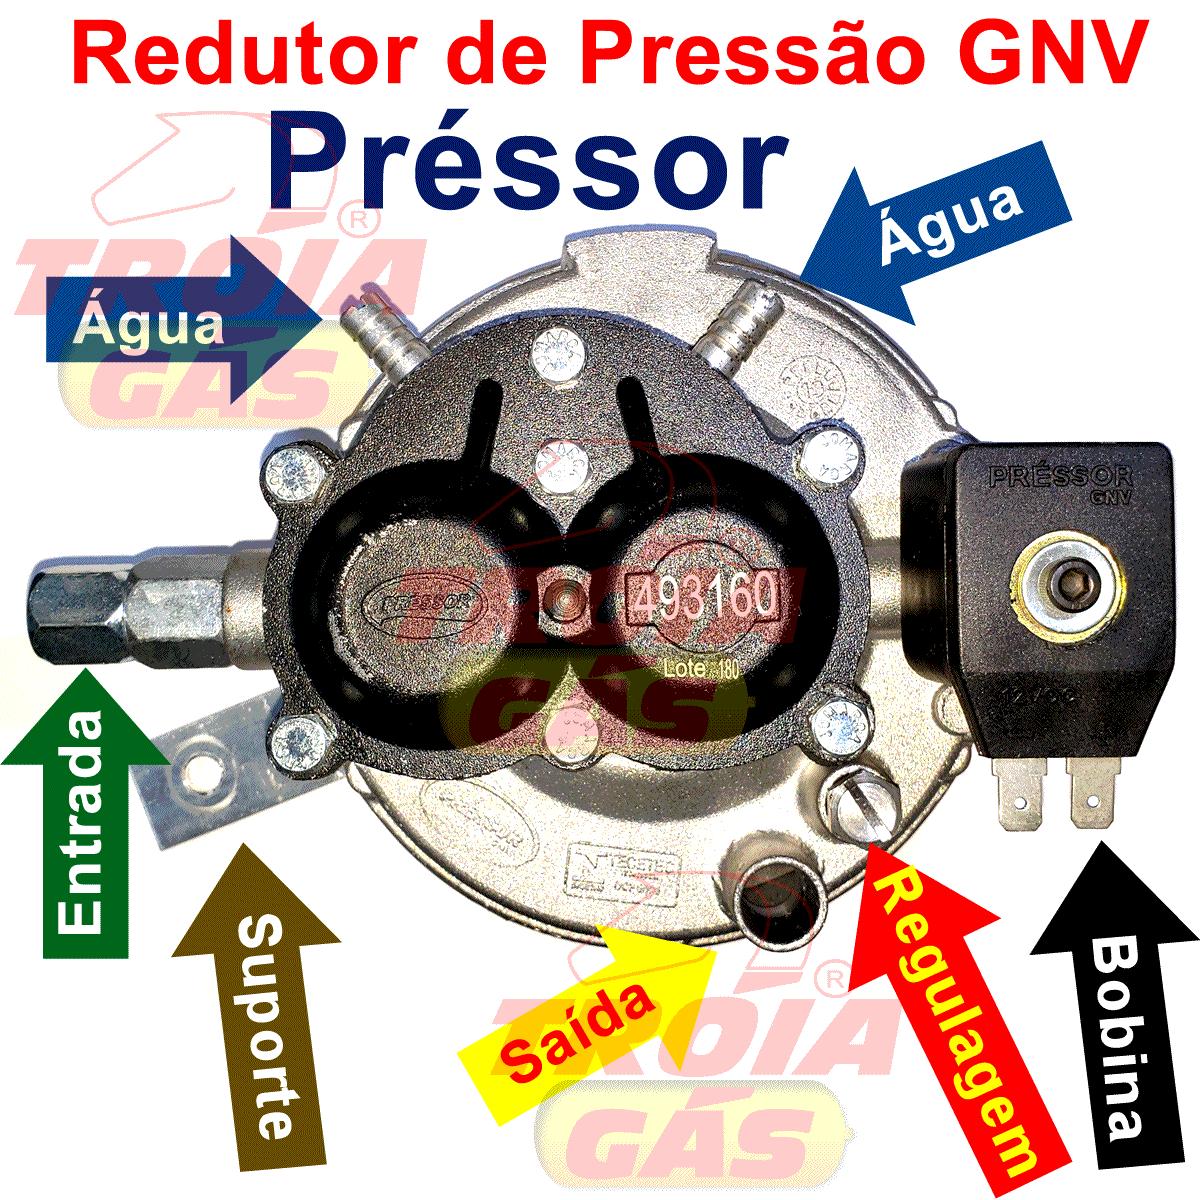 Redutor Préssor GNV até 130 Cv Nacional Garantia